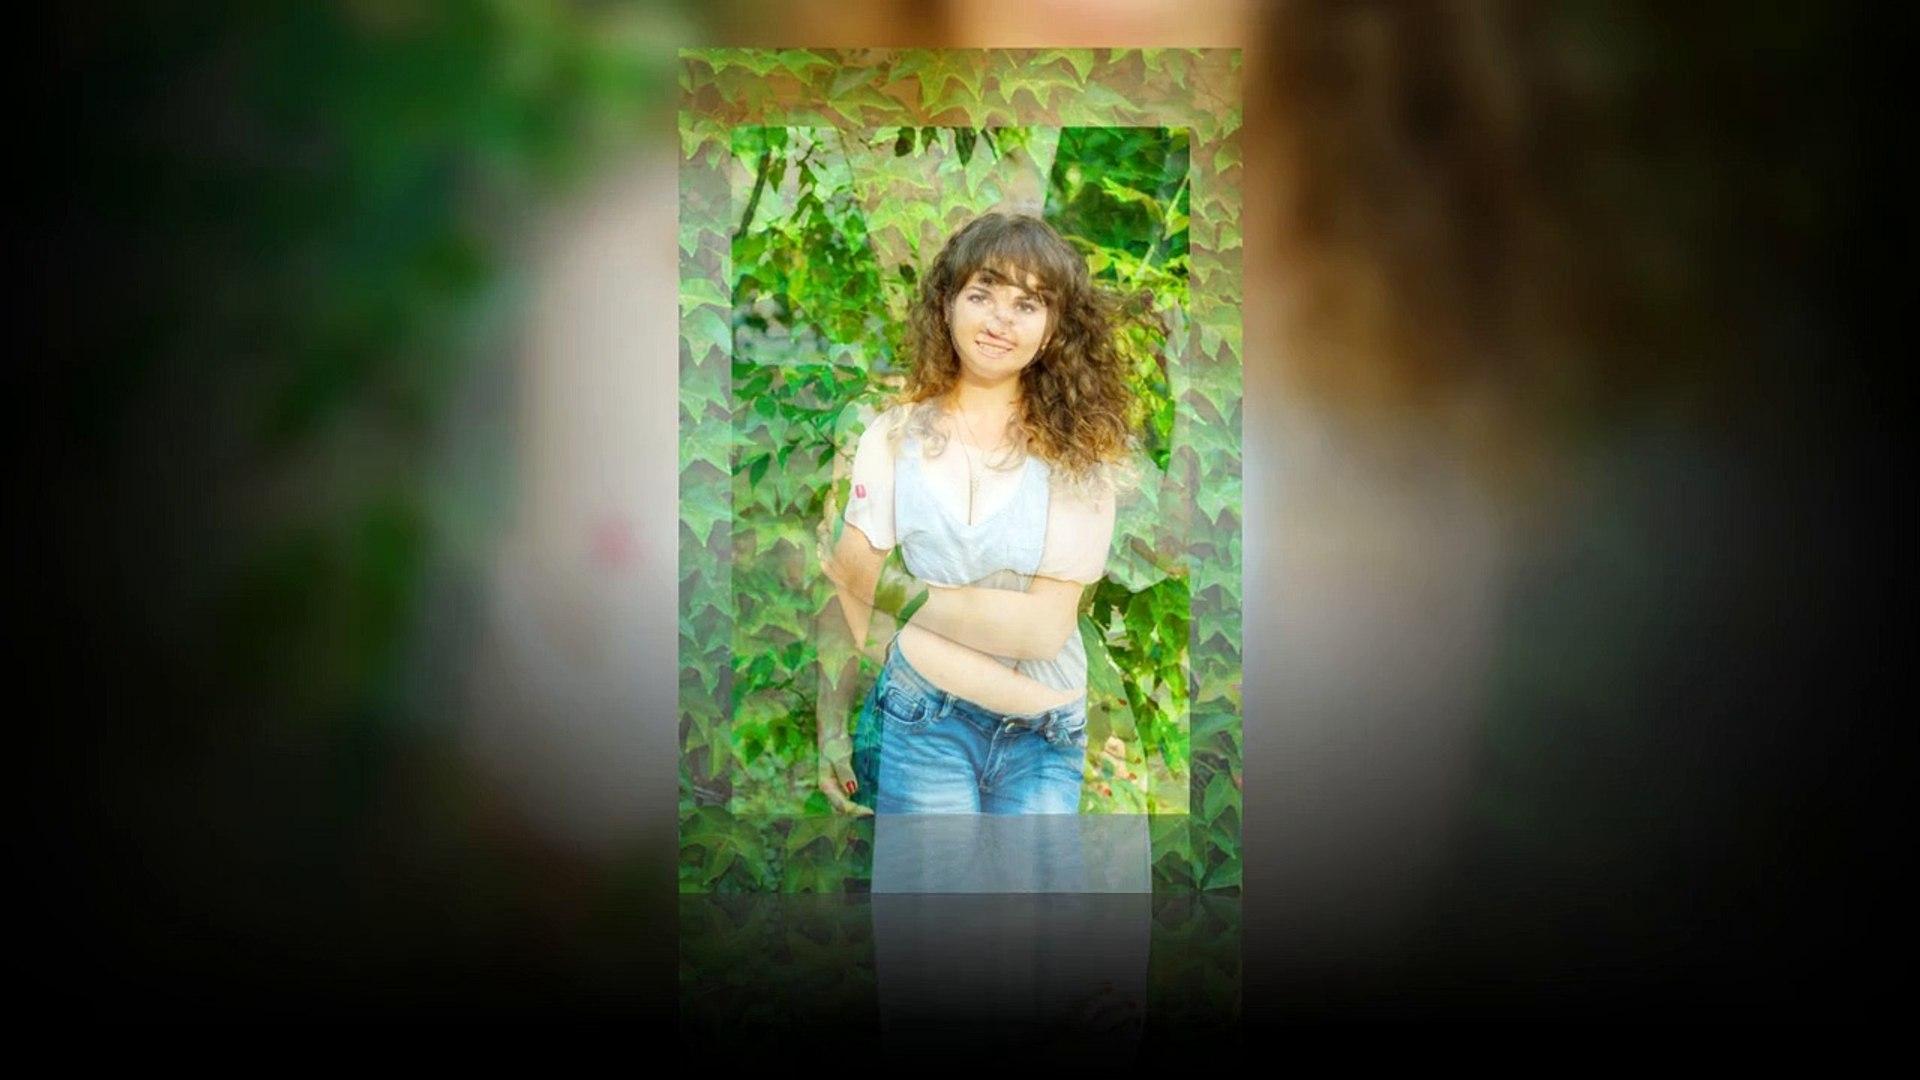 Vapaa dating sites Medellin Kolumbia